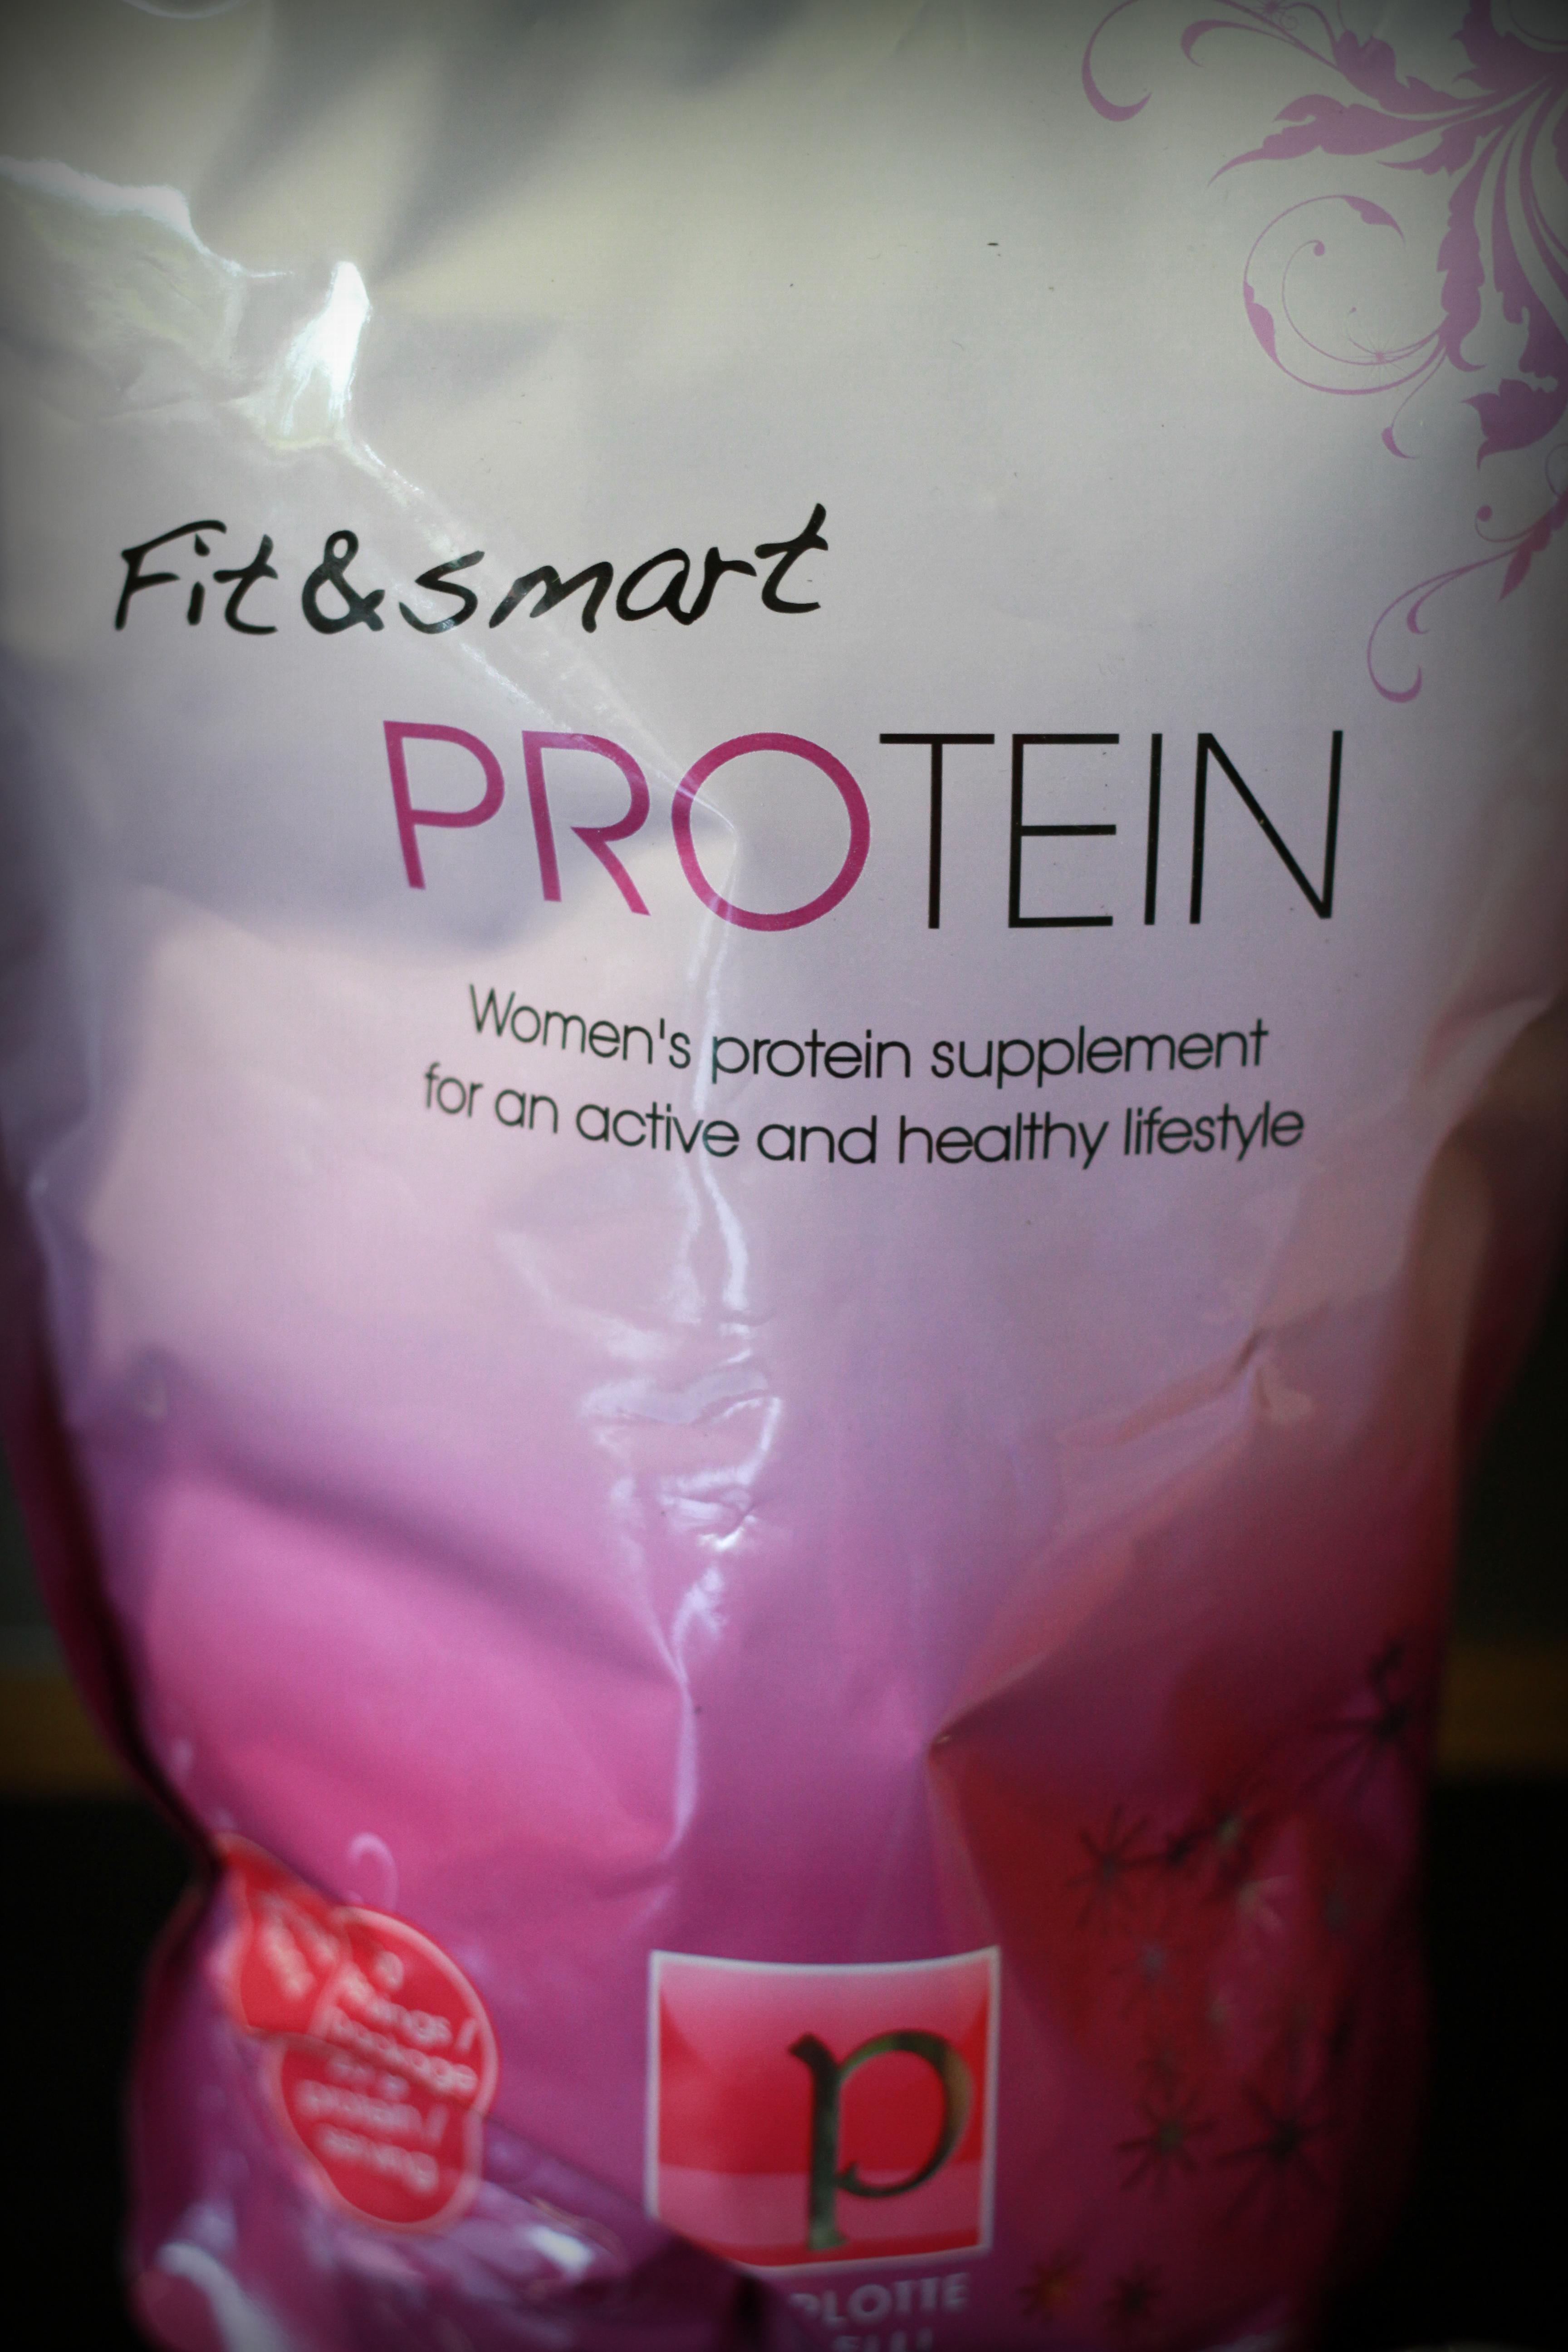 jenter og proteinpulver